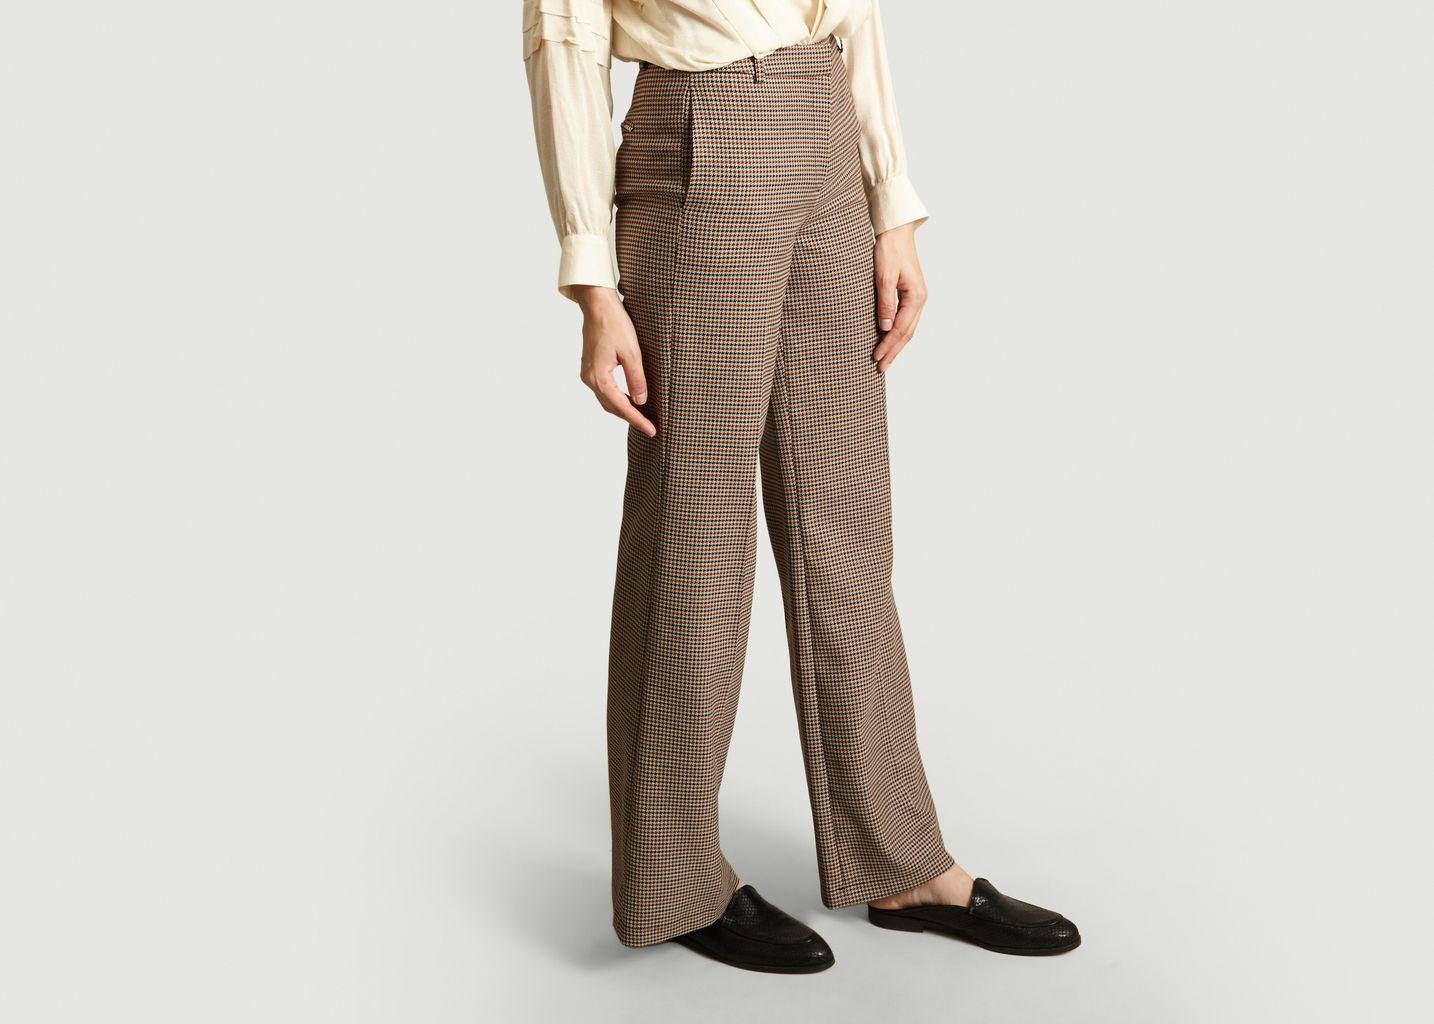 Pantalon Large Motif Pied-De-Poule Palace - La Petite Française